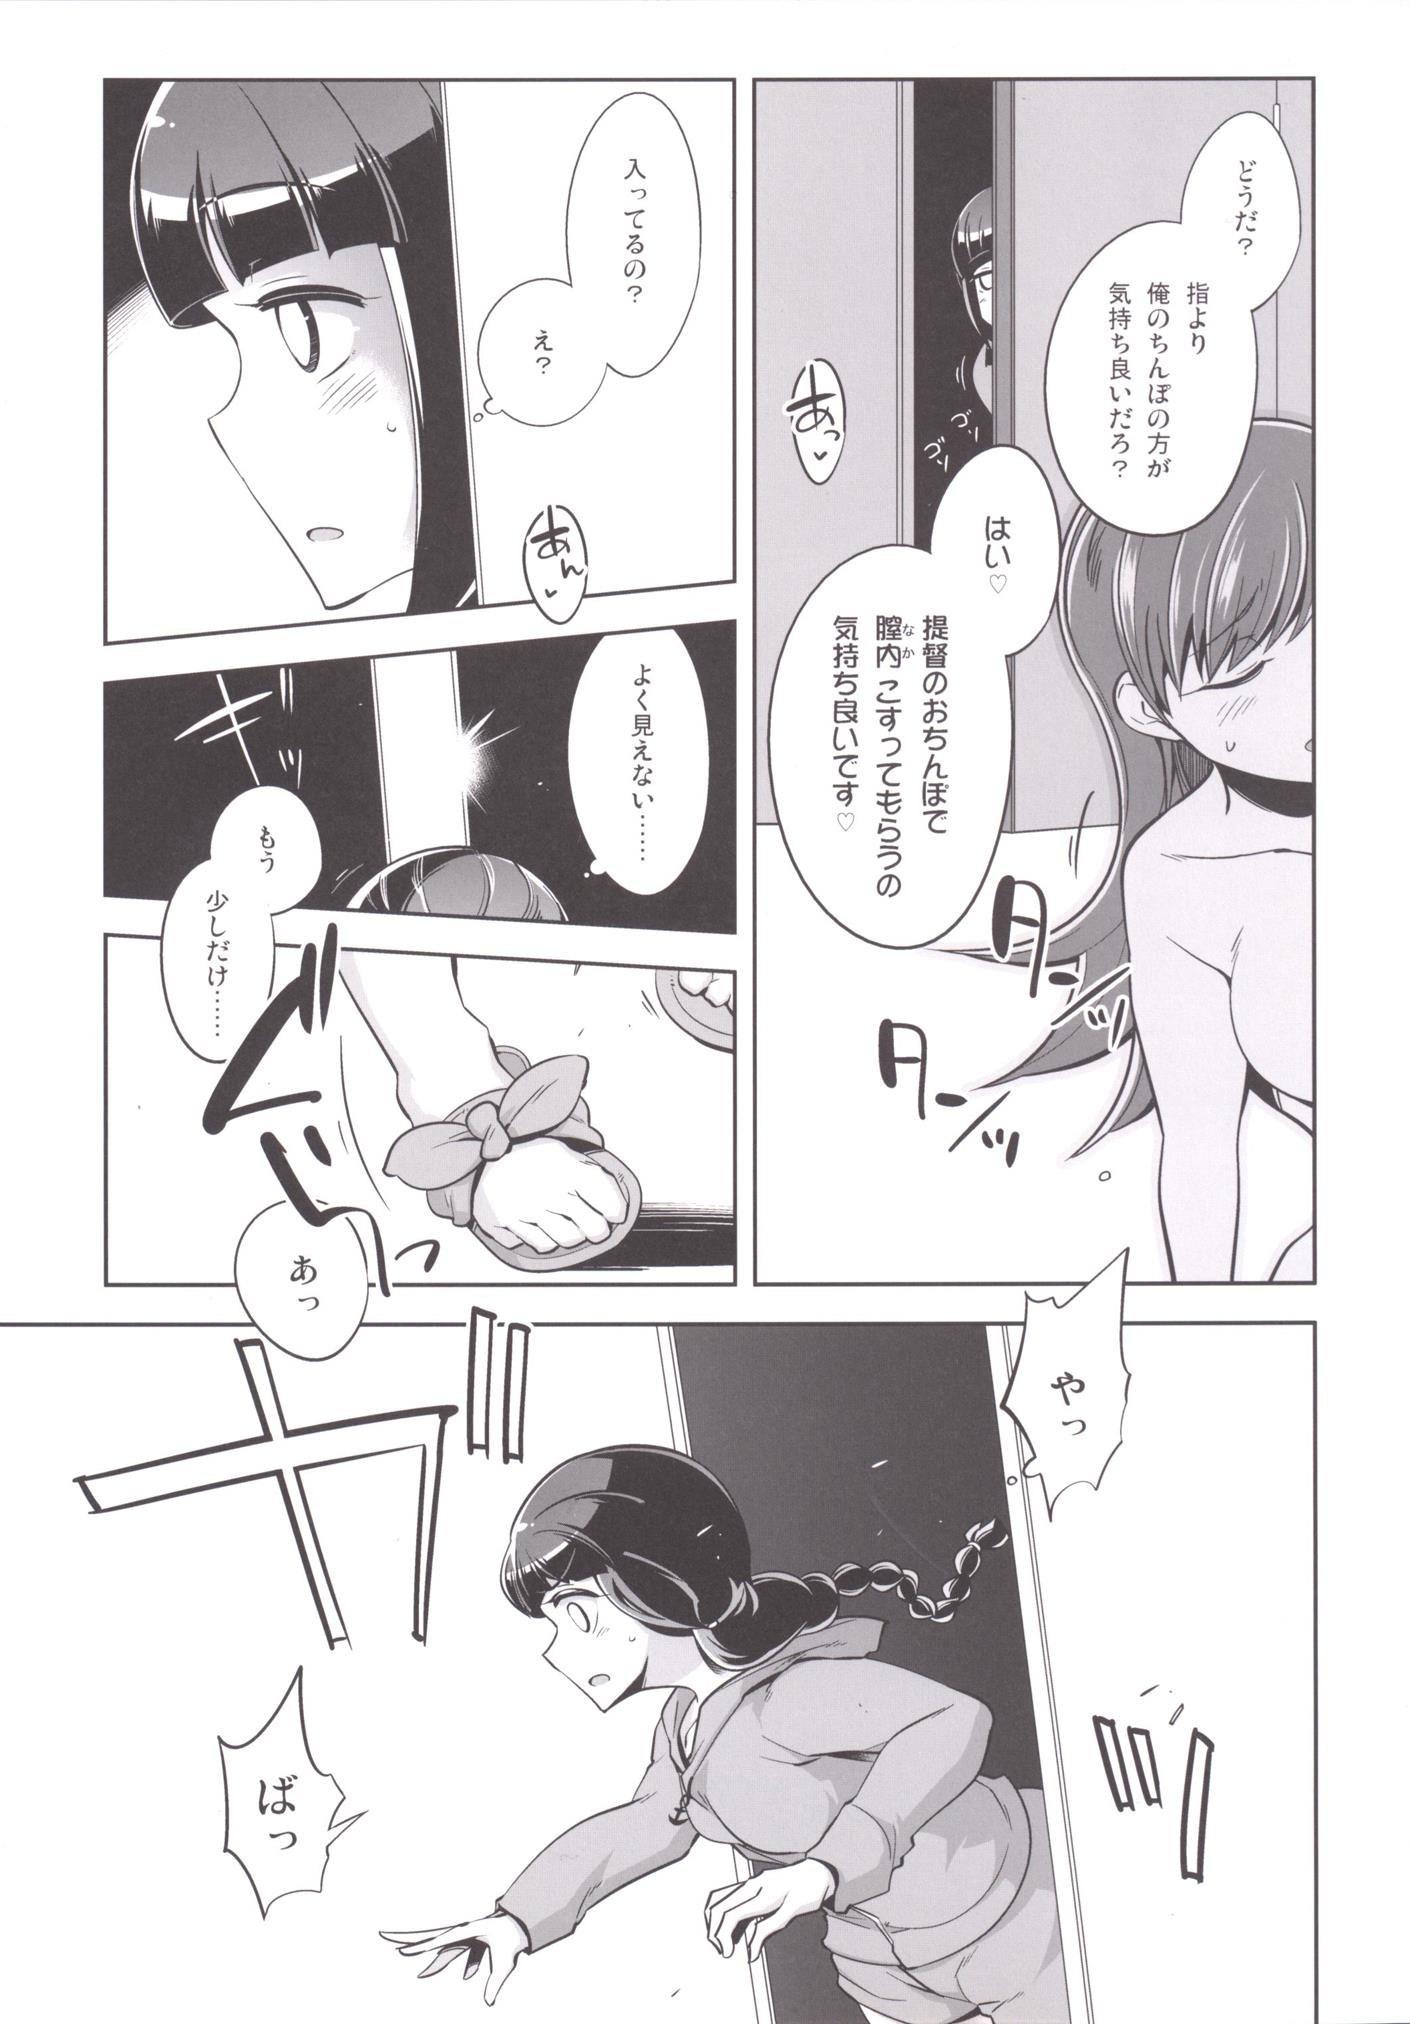 【エロ漫画】色白爆乳美女の北上に見せつけながら大井と催眠姦して中出しセックスしちゃってますwwwww